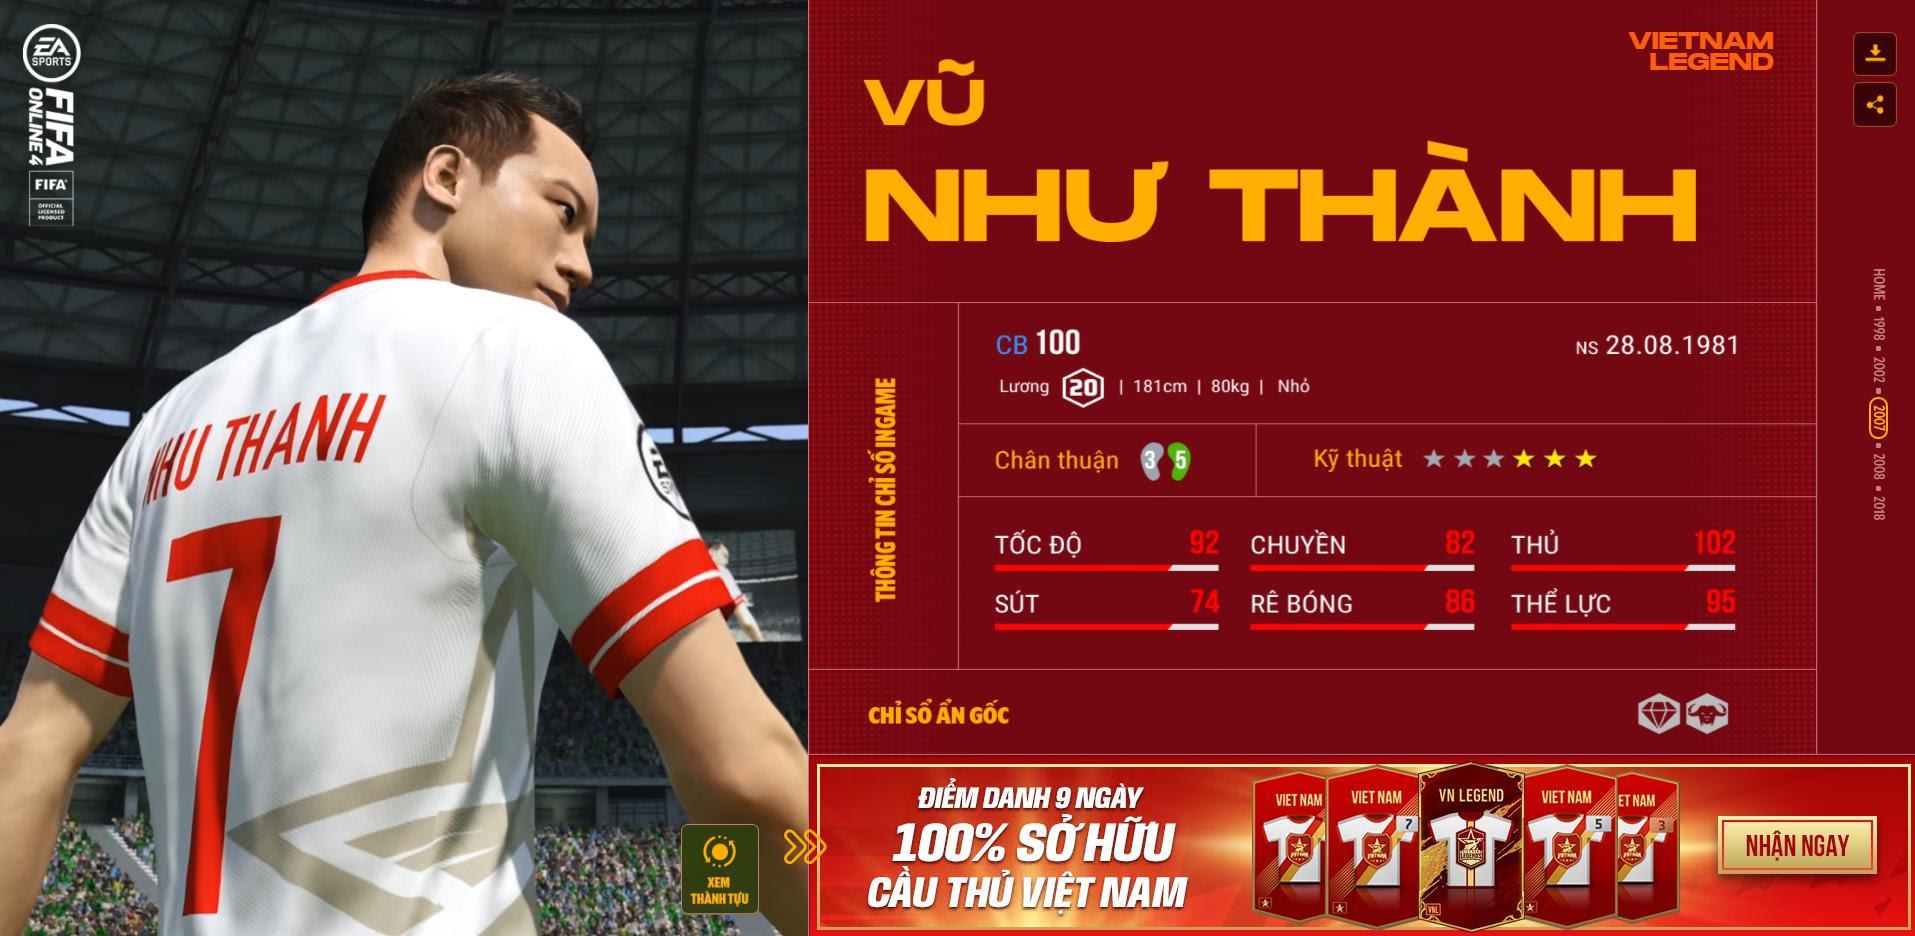 Các huyền thoại bóng đá Việt Nam bất ngờ xuất hiện trong Fifa Online 4 - Ảnh 6.